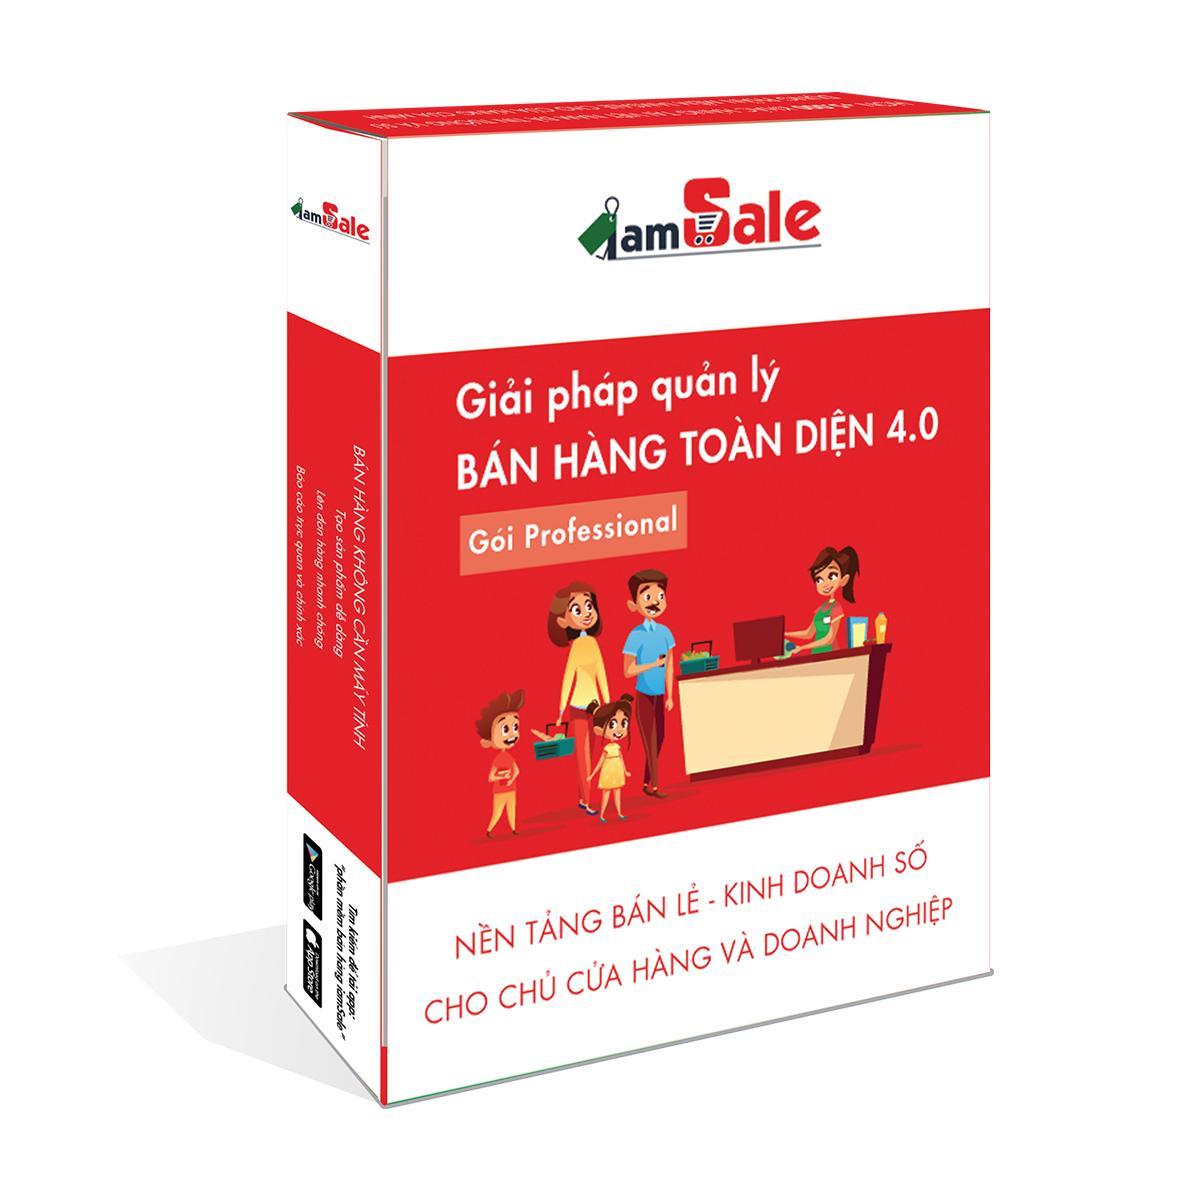 Phần mềm quản lý bán hàng toàn diện iamSale gói Professional 1 năm